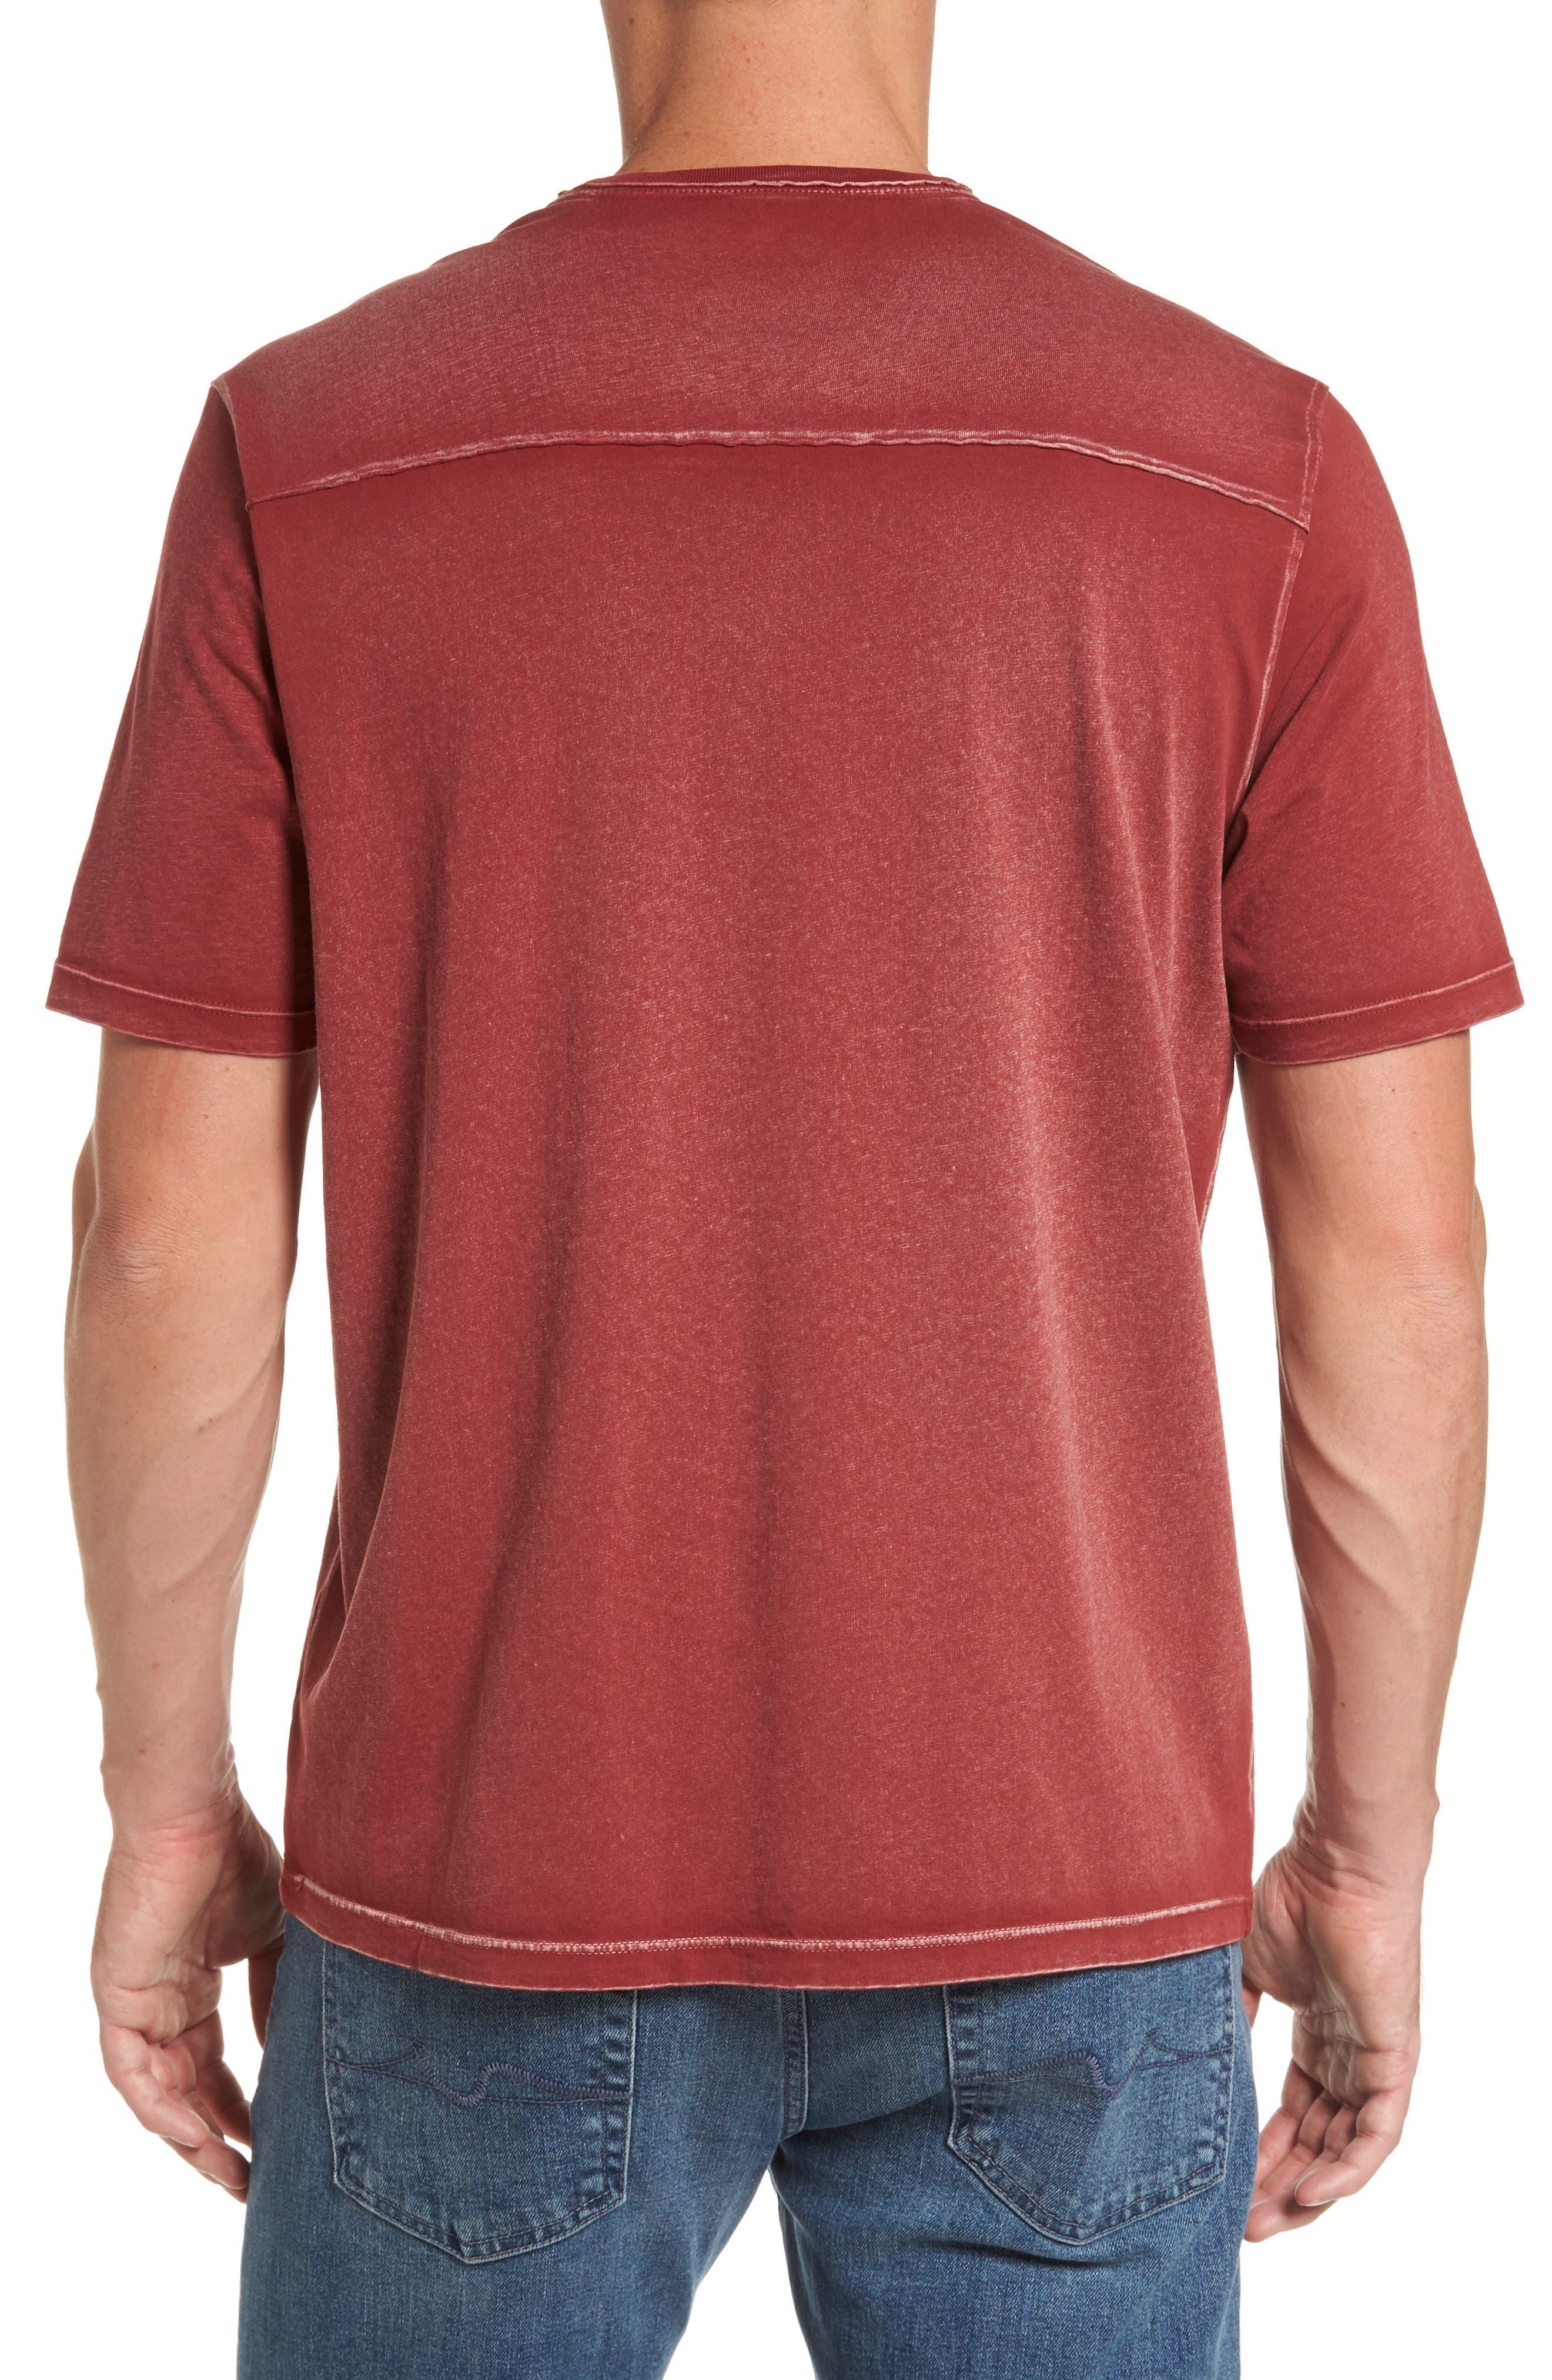 'Kahuna' V-Neck T-Shirt,                             Alternate thumbnail 2, color,                             Ruby Wine